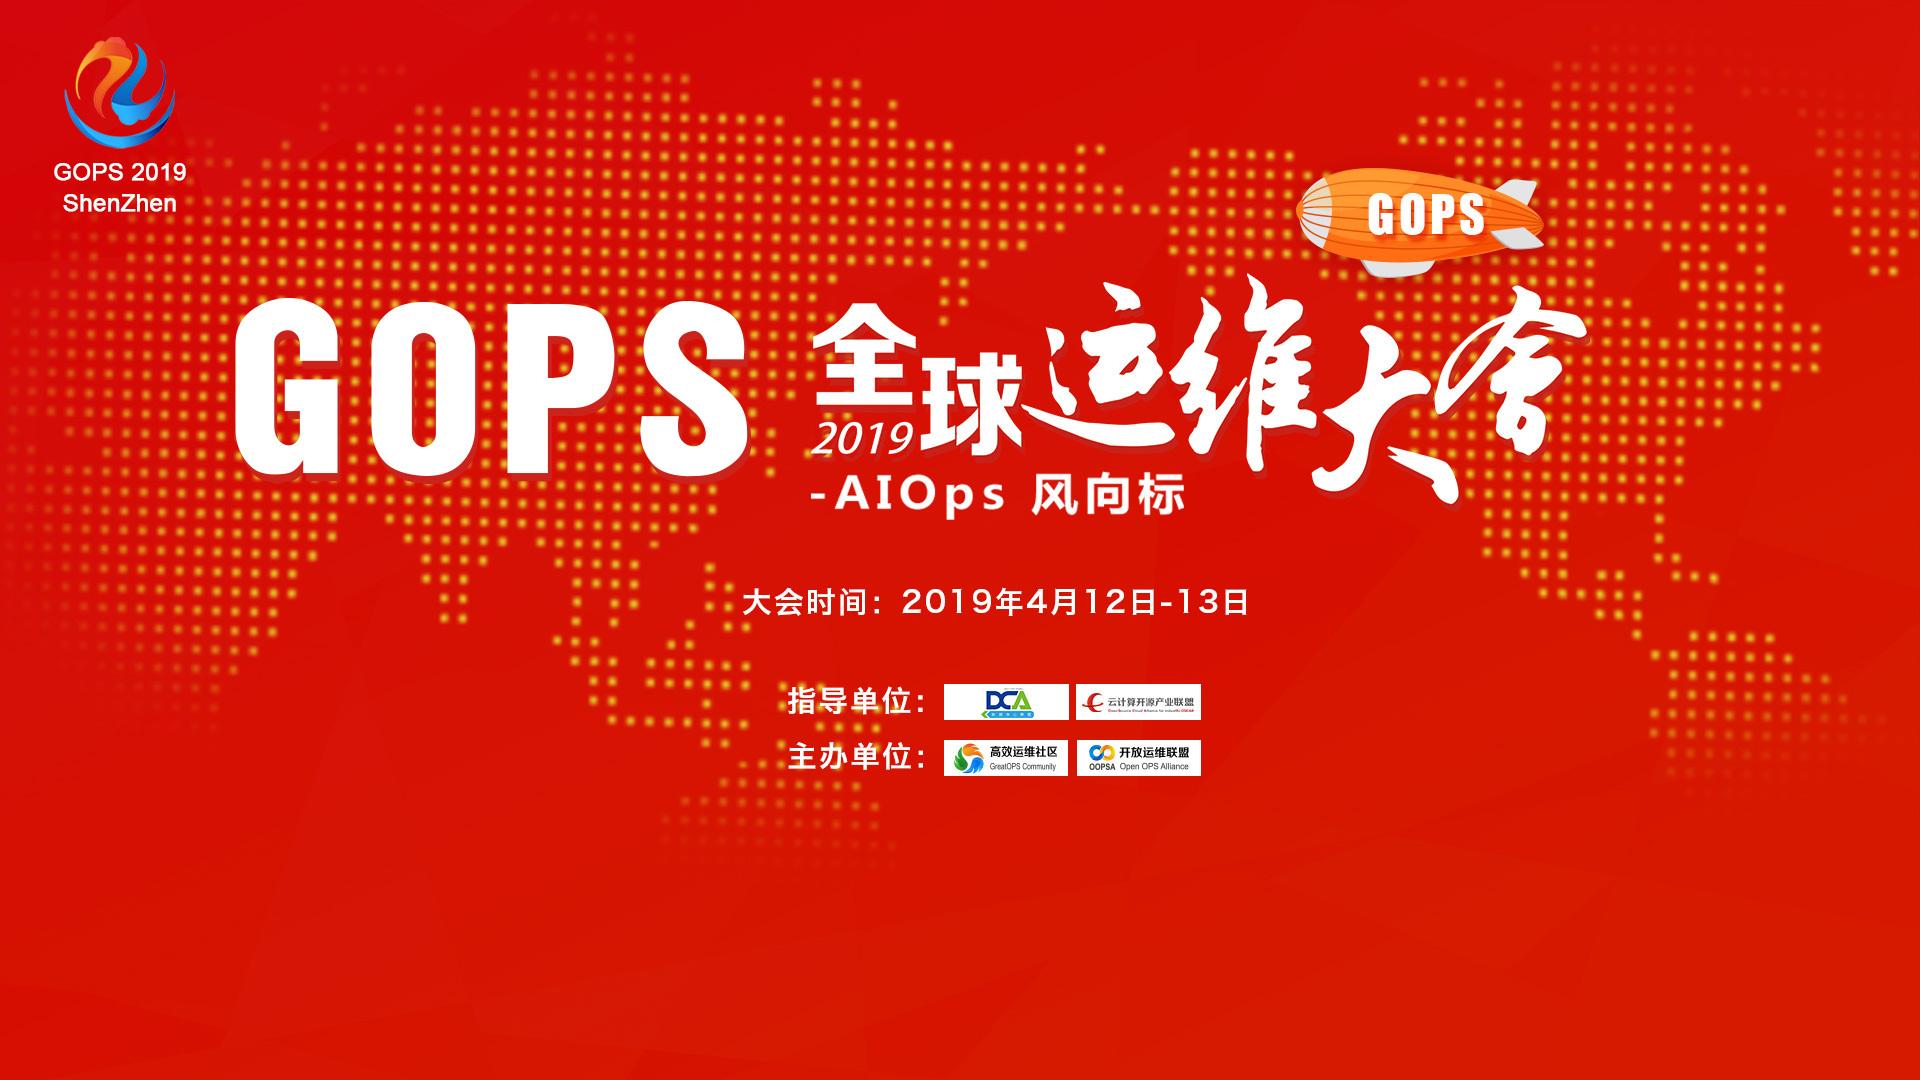 GOPS 全球运维大会2019·深圳站